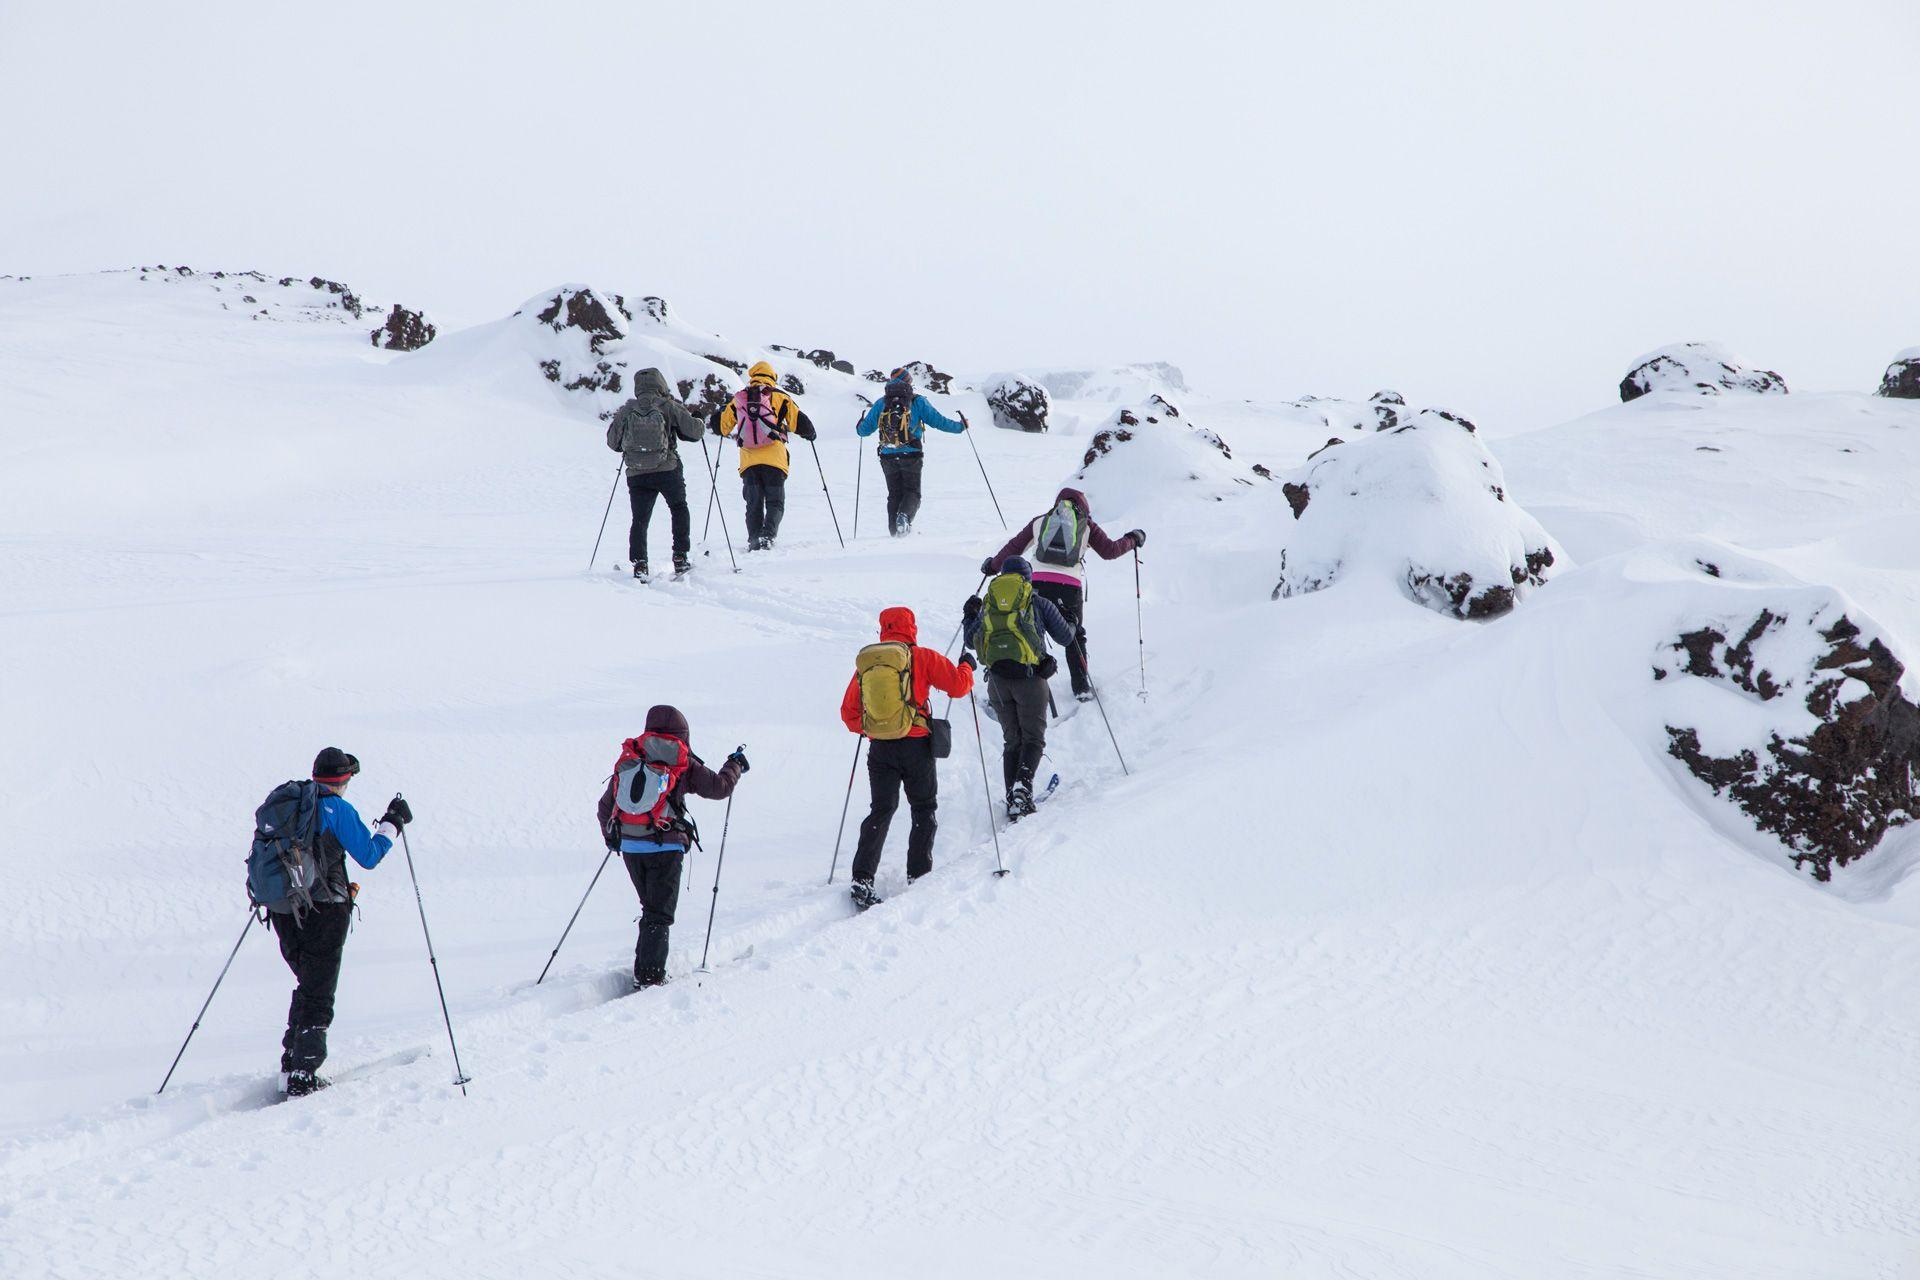 Landmannalaugar Cross Country Skiing Tour Icelandic